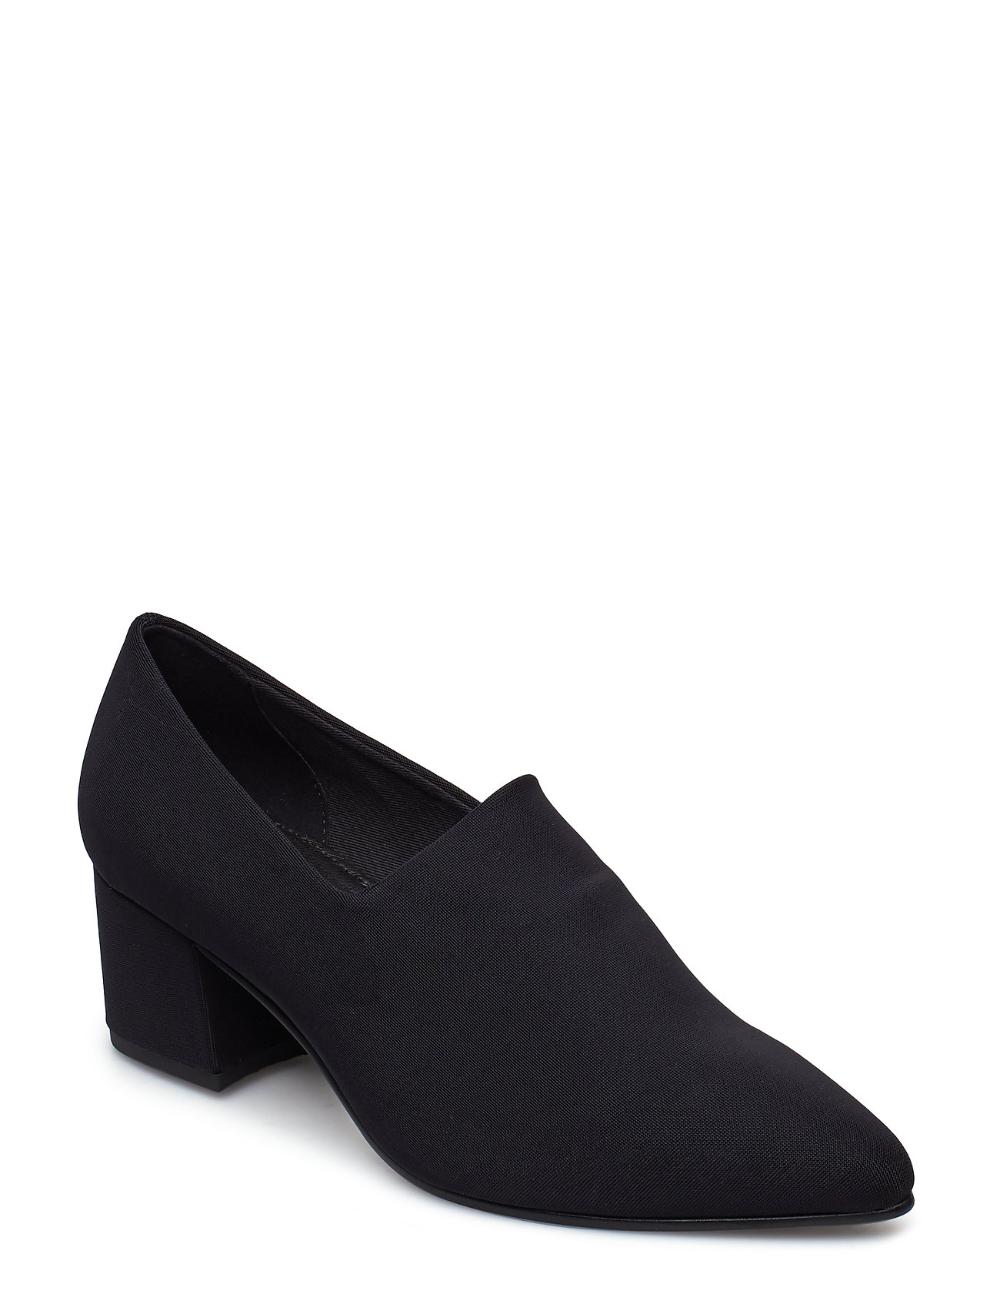 Mya Black 379 Zl Vagabond Boozt Com Shoes Mule Shoe Loafers